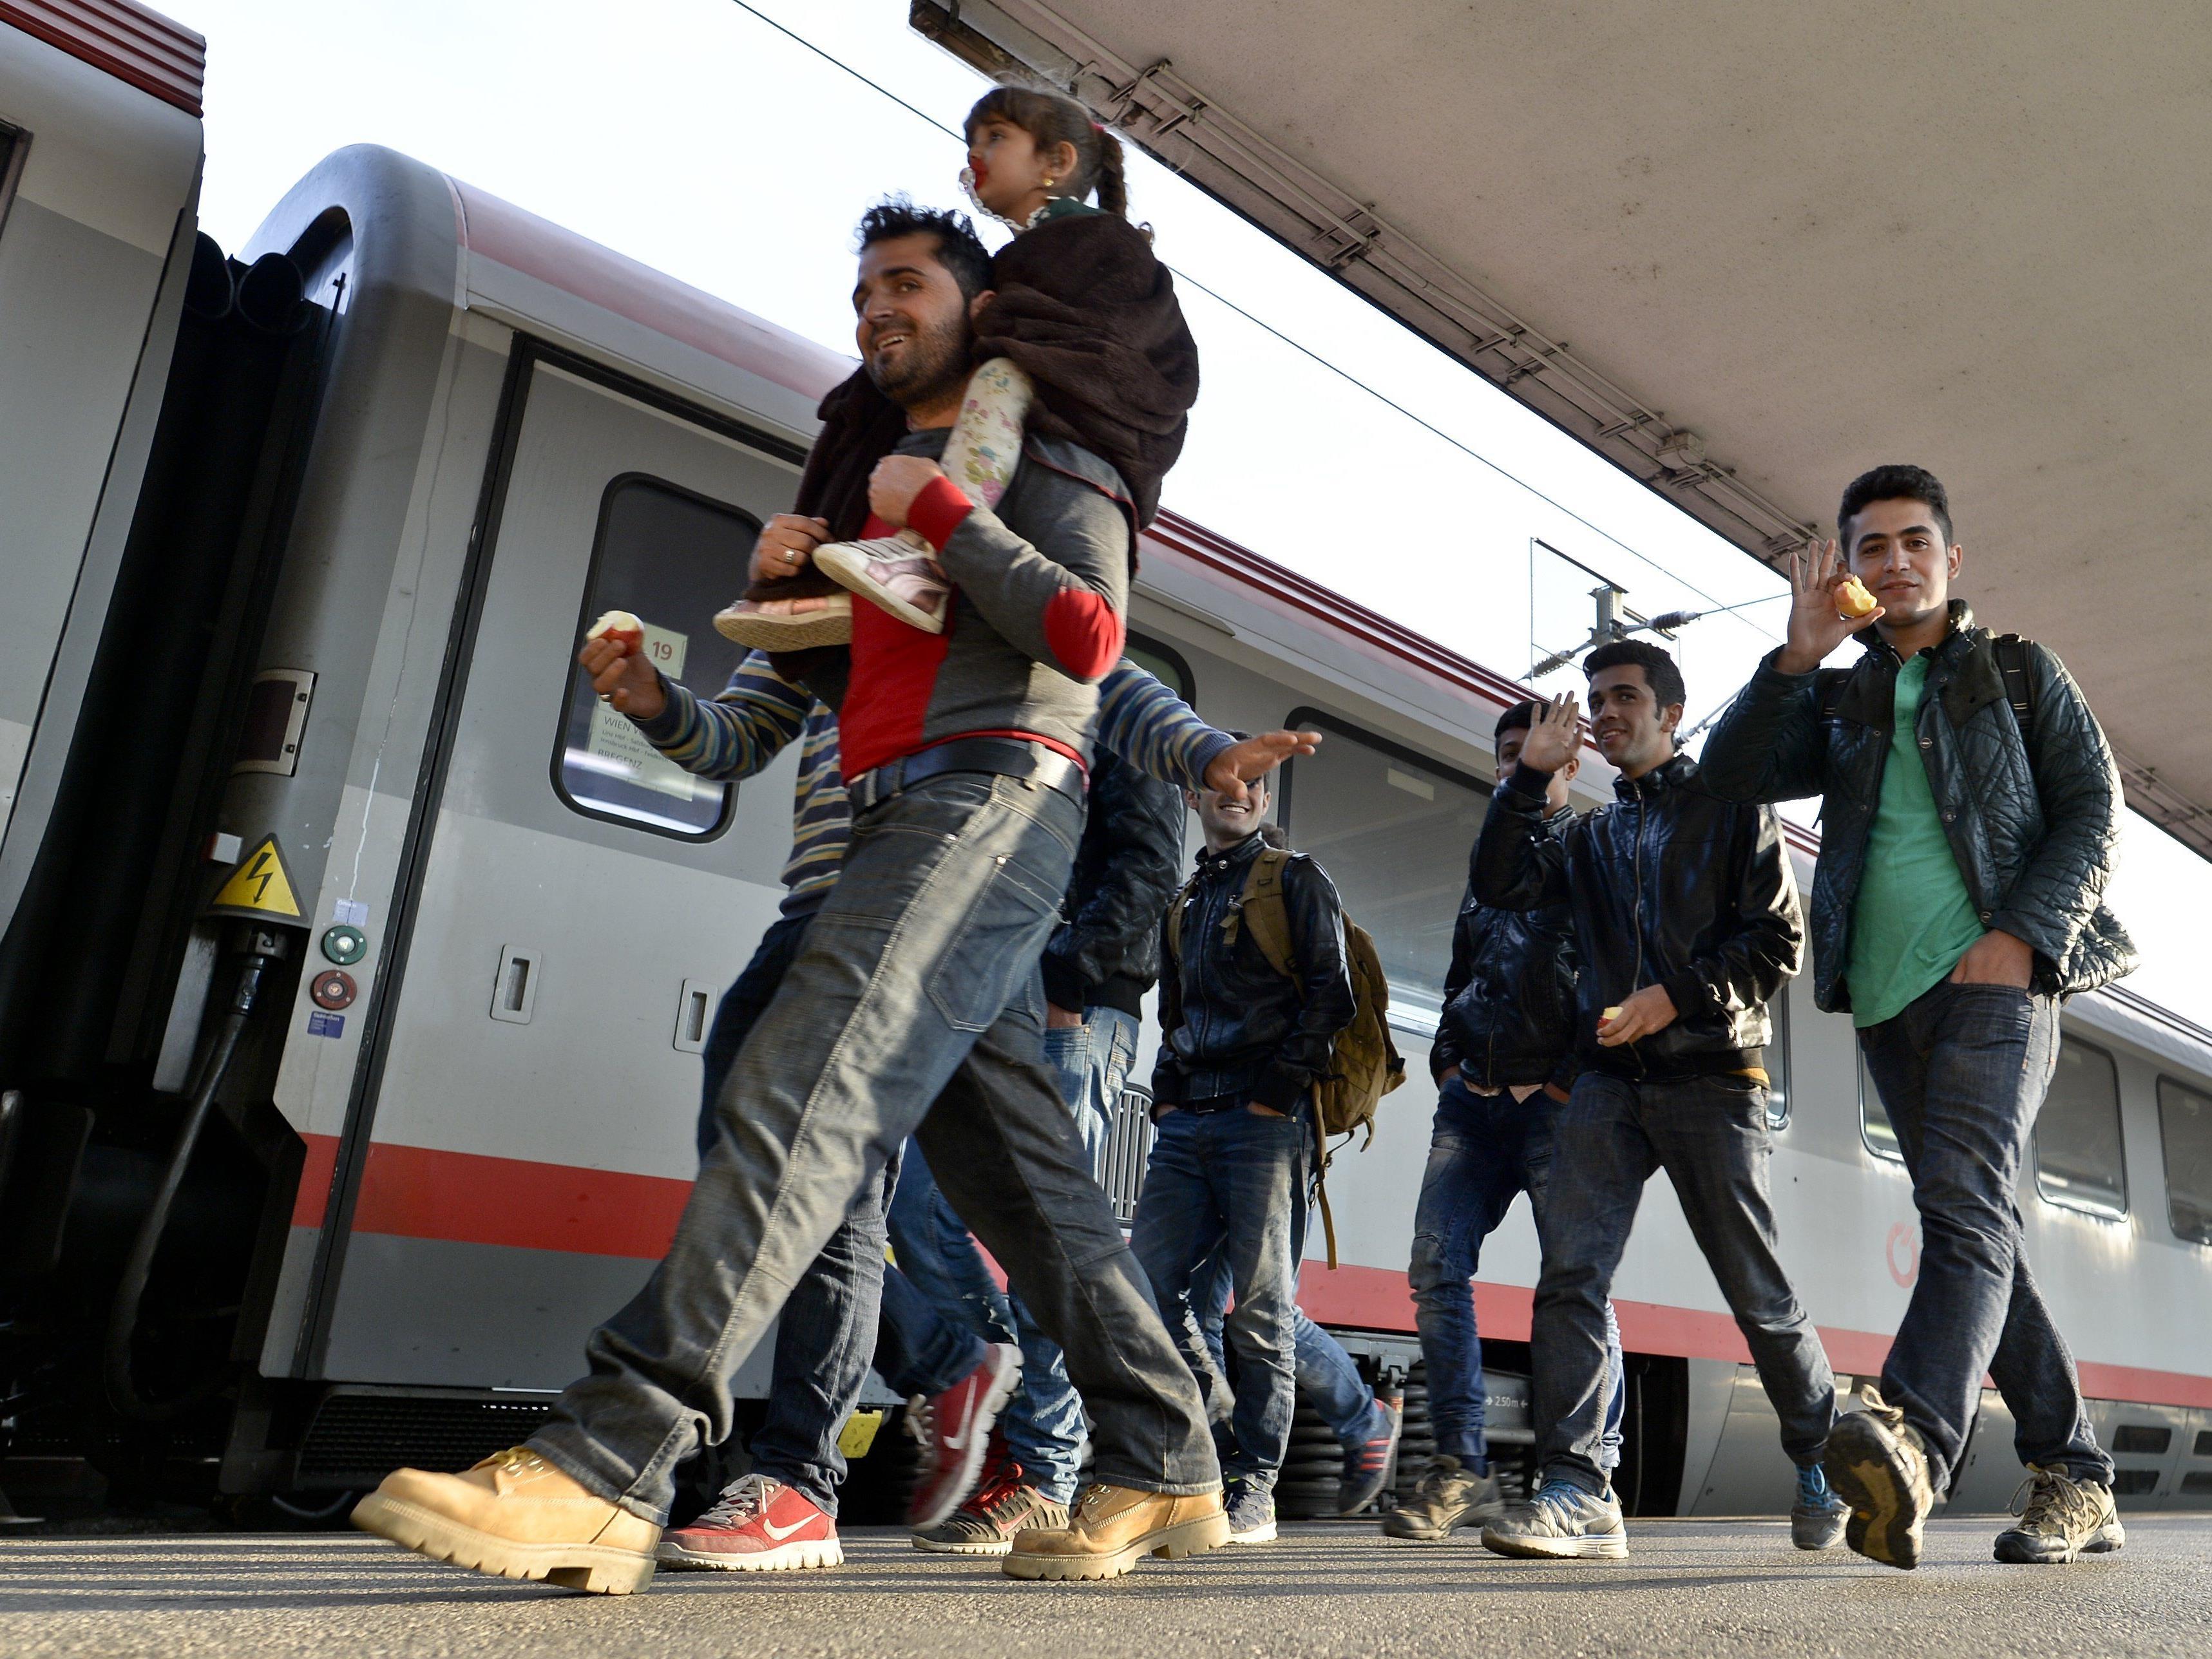 In Wien kommen jeden Tag hunderte Flüchtlinge an.